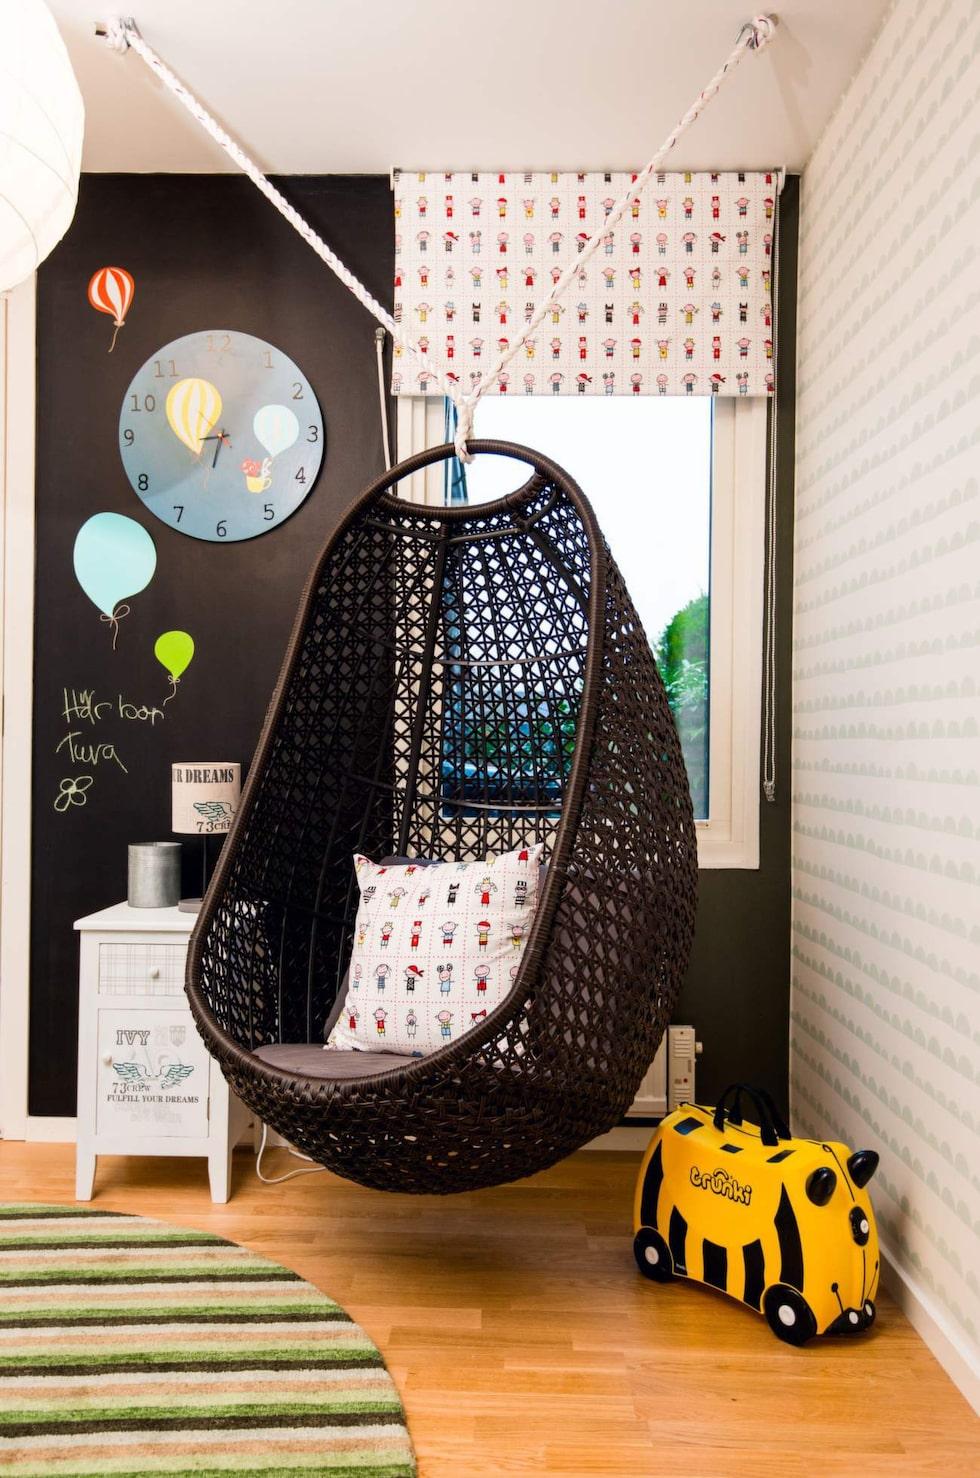 Plats för mys. Hängstol, Balkongshoppen. Rullgardin och kudde, Busungar, Färg & form. Sängbord, Kids concept. Matta, Carpetvista.